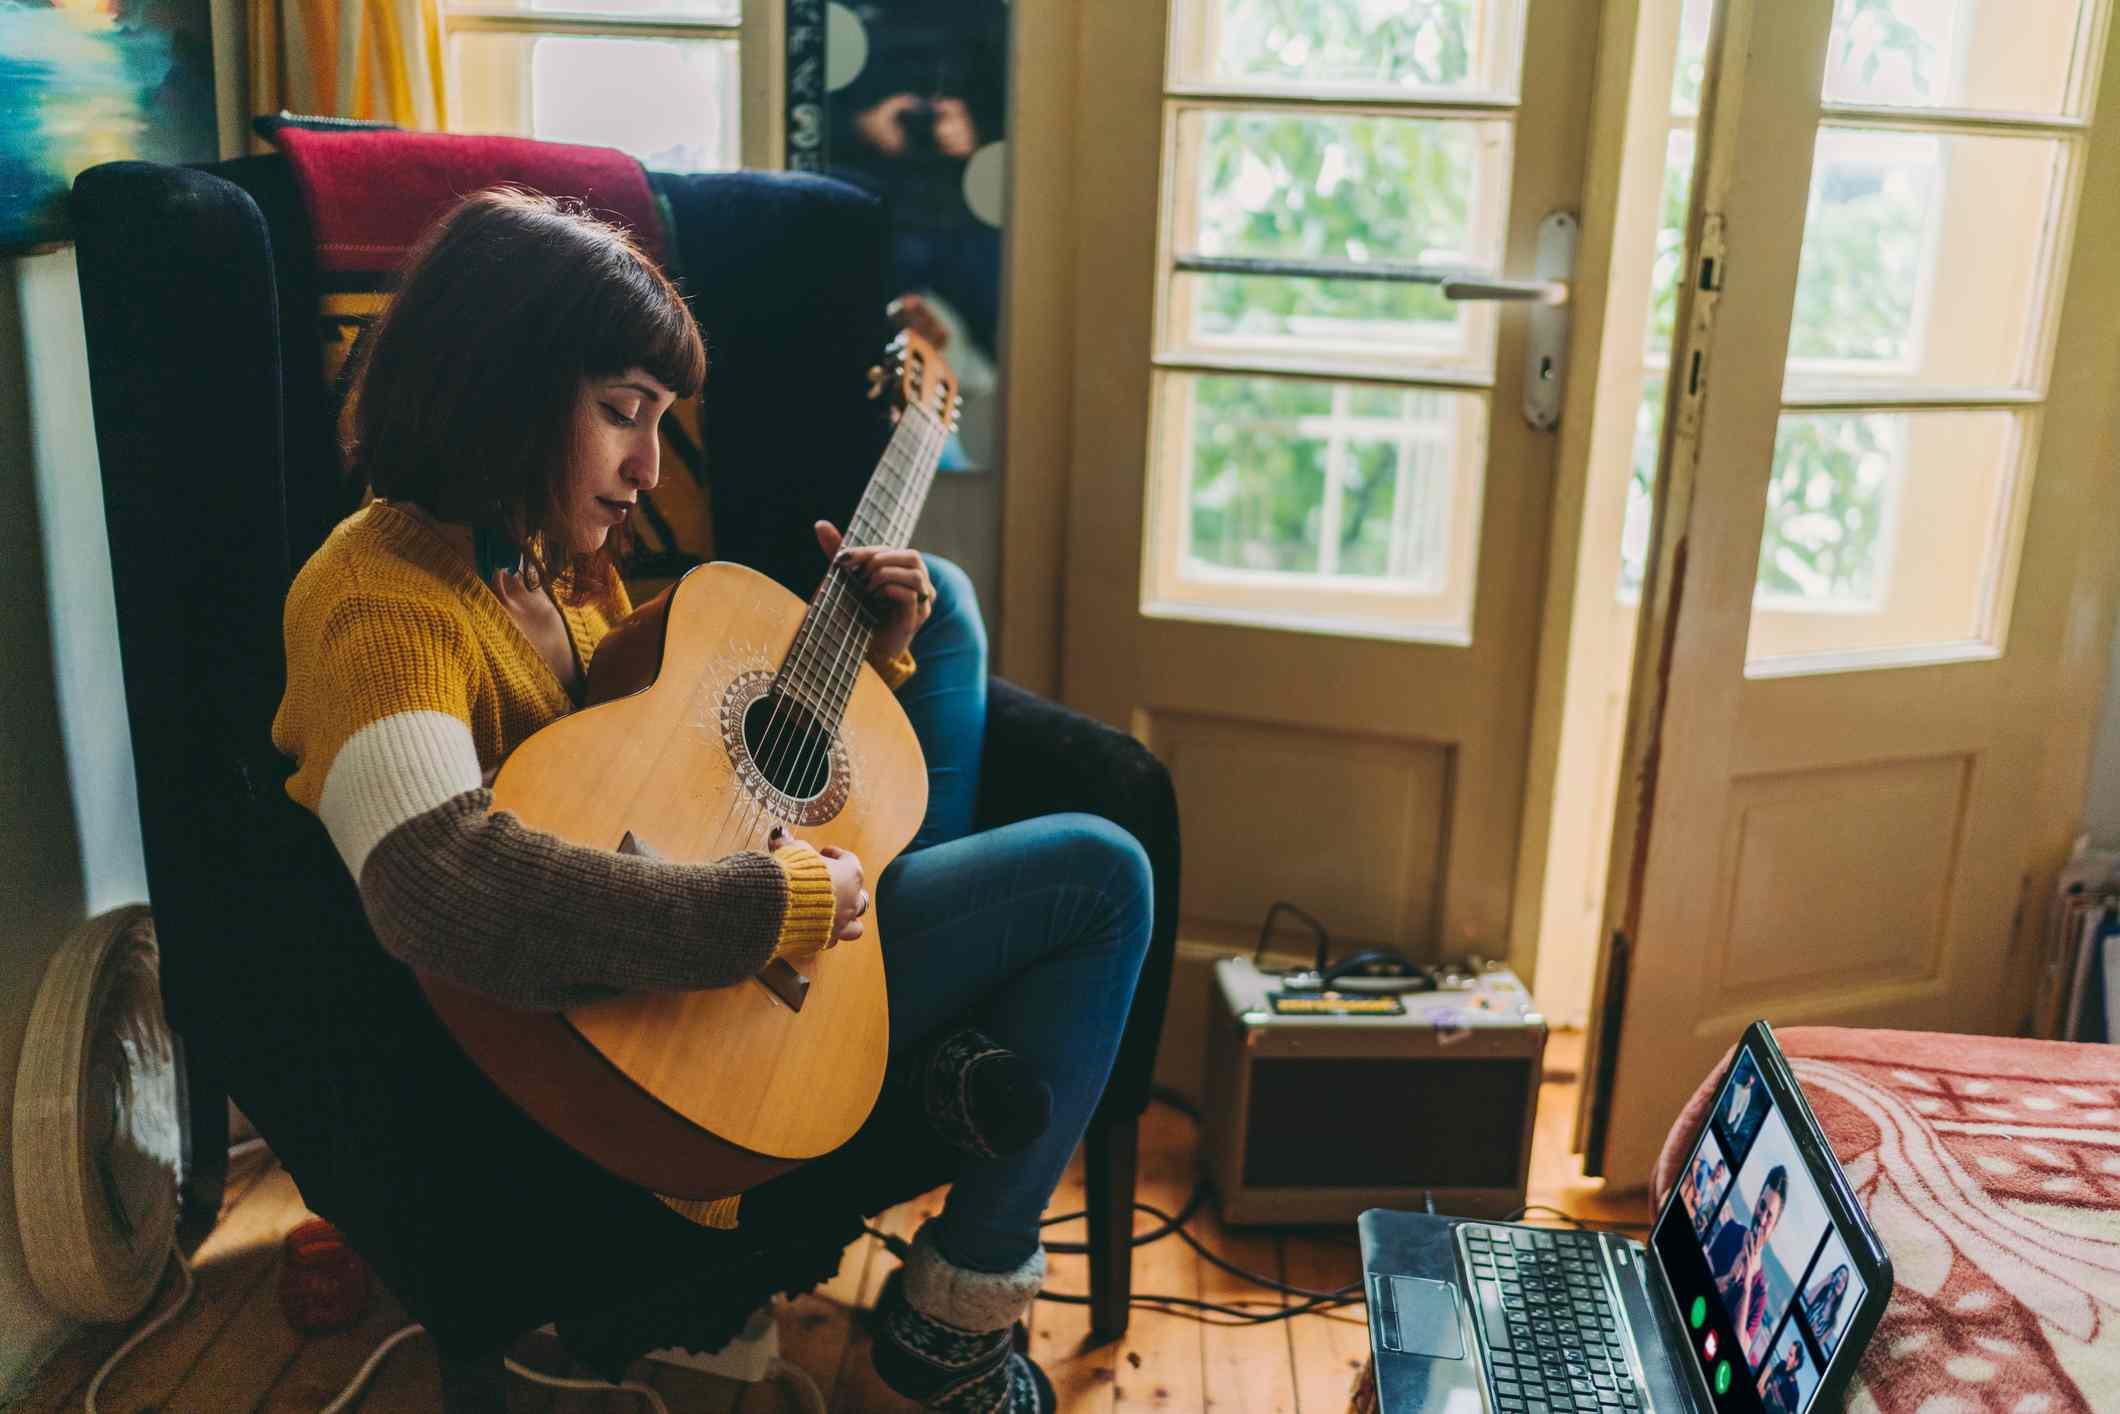 Woman plays guitar